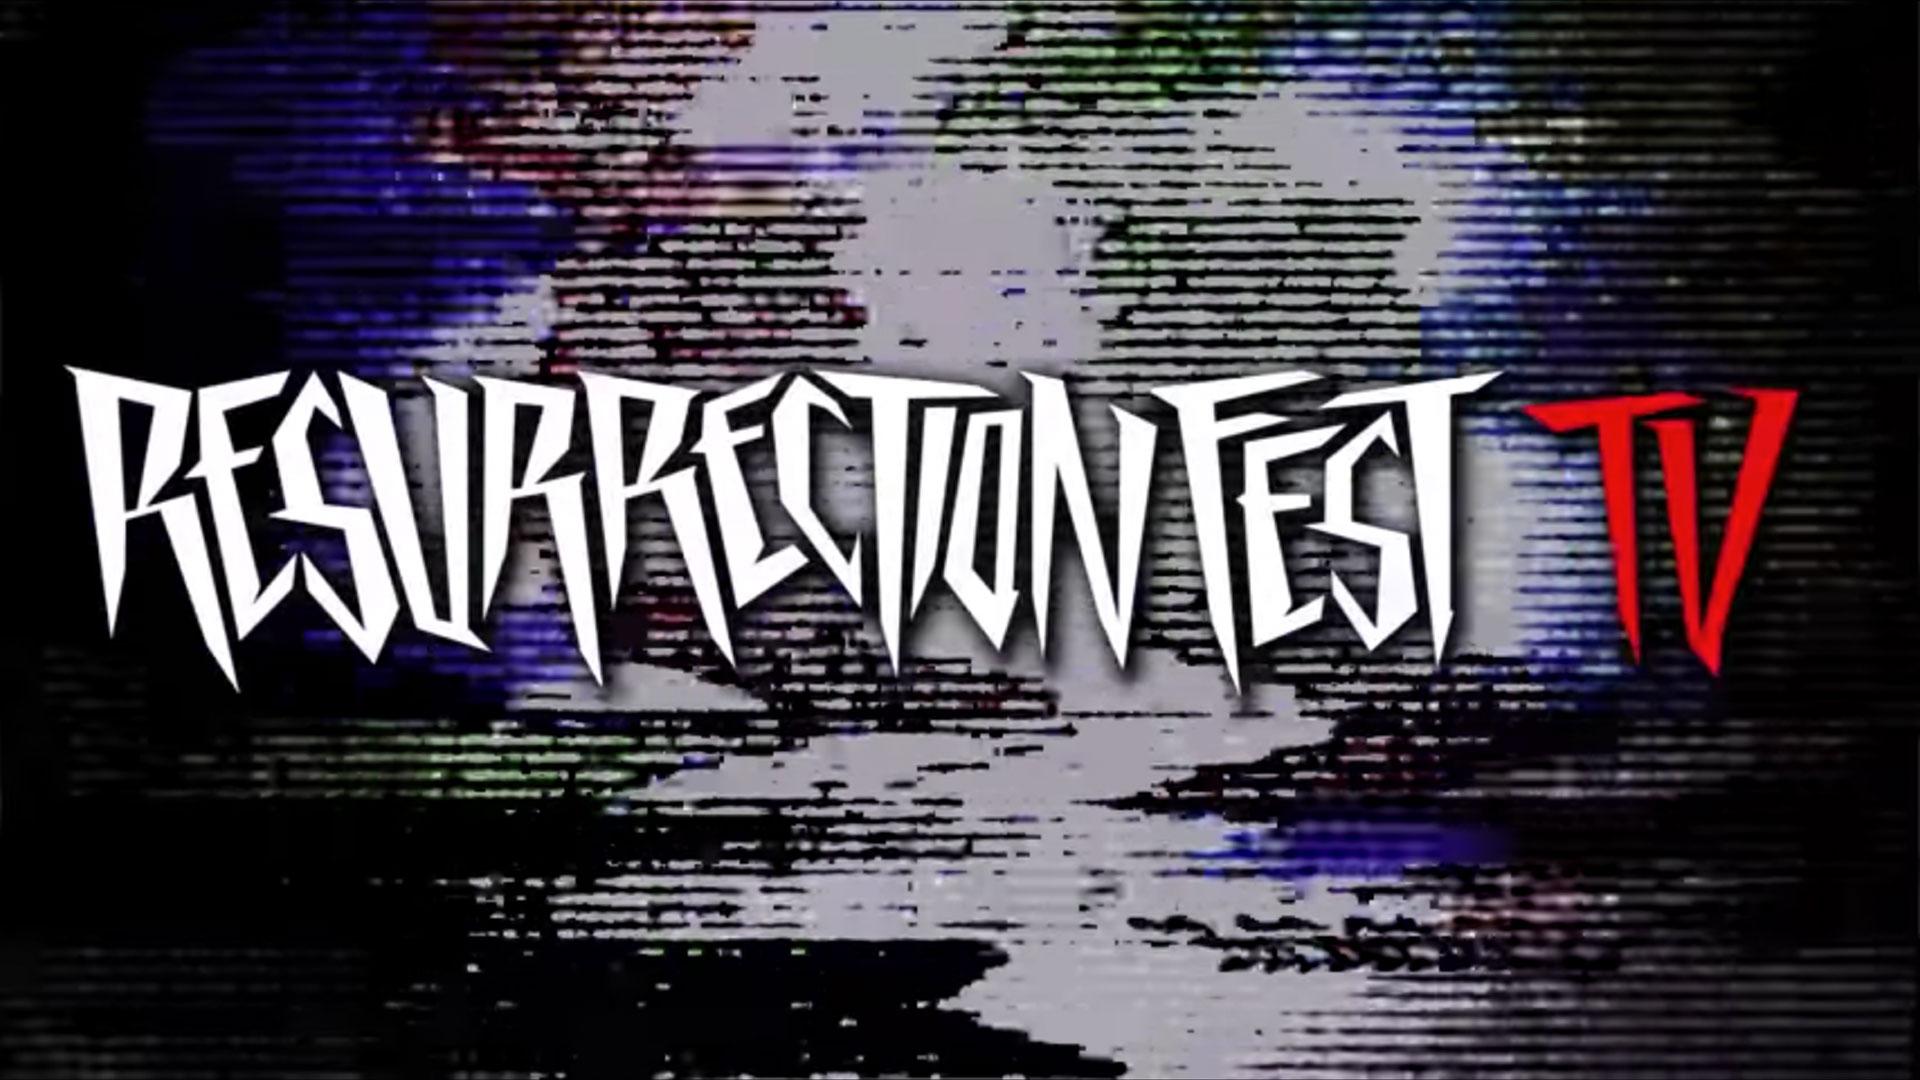 Entrevistas del Resurrection Fest 2018